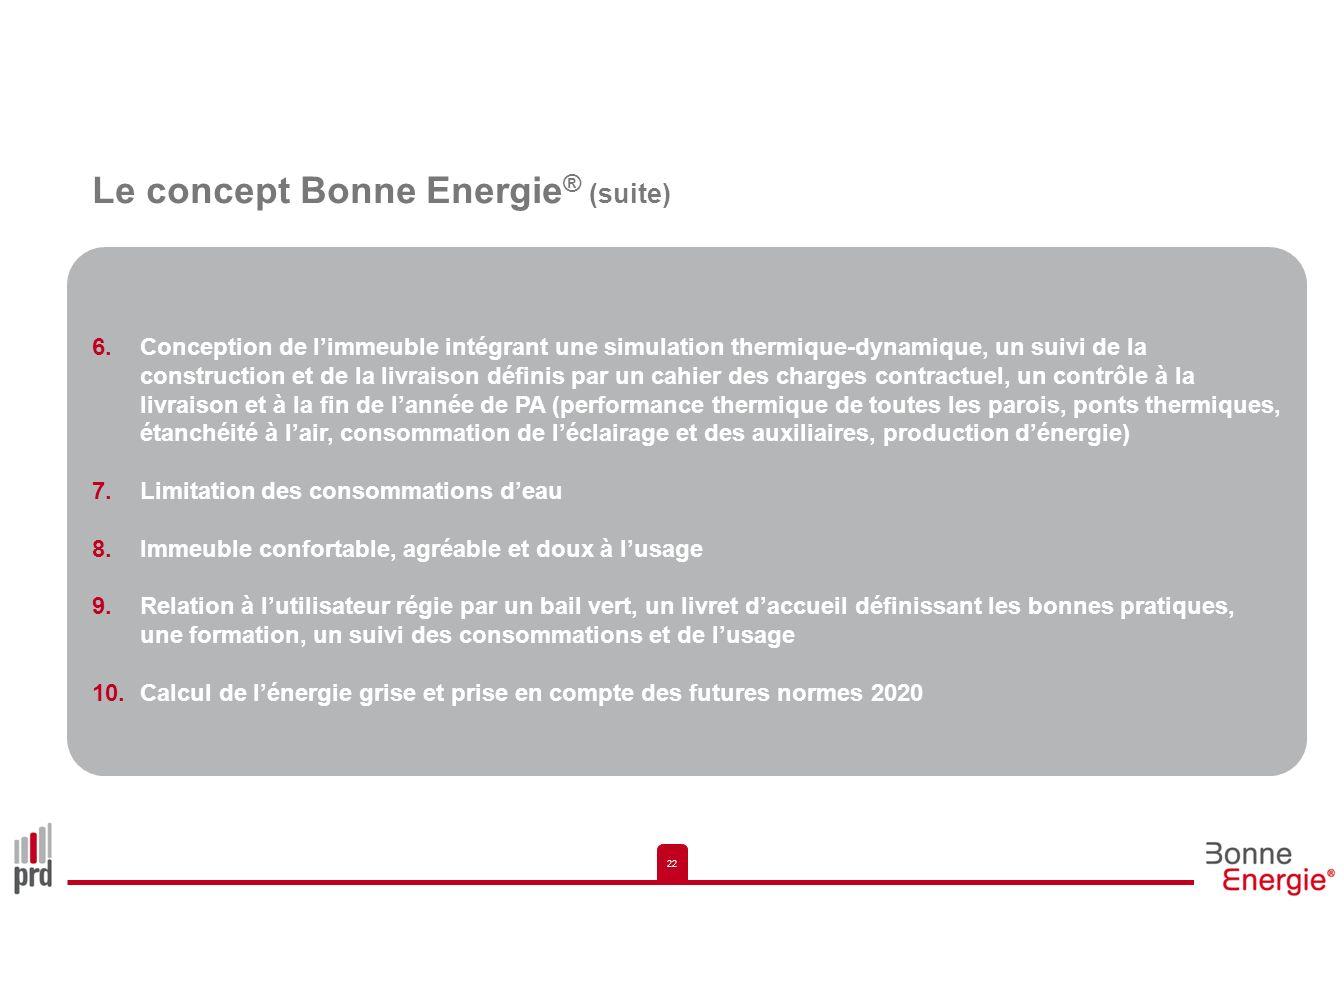 Le concept Bonne Energie® (suite)